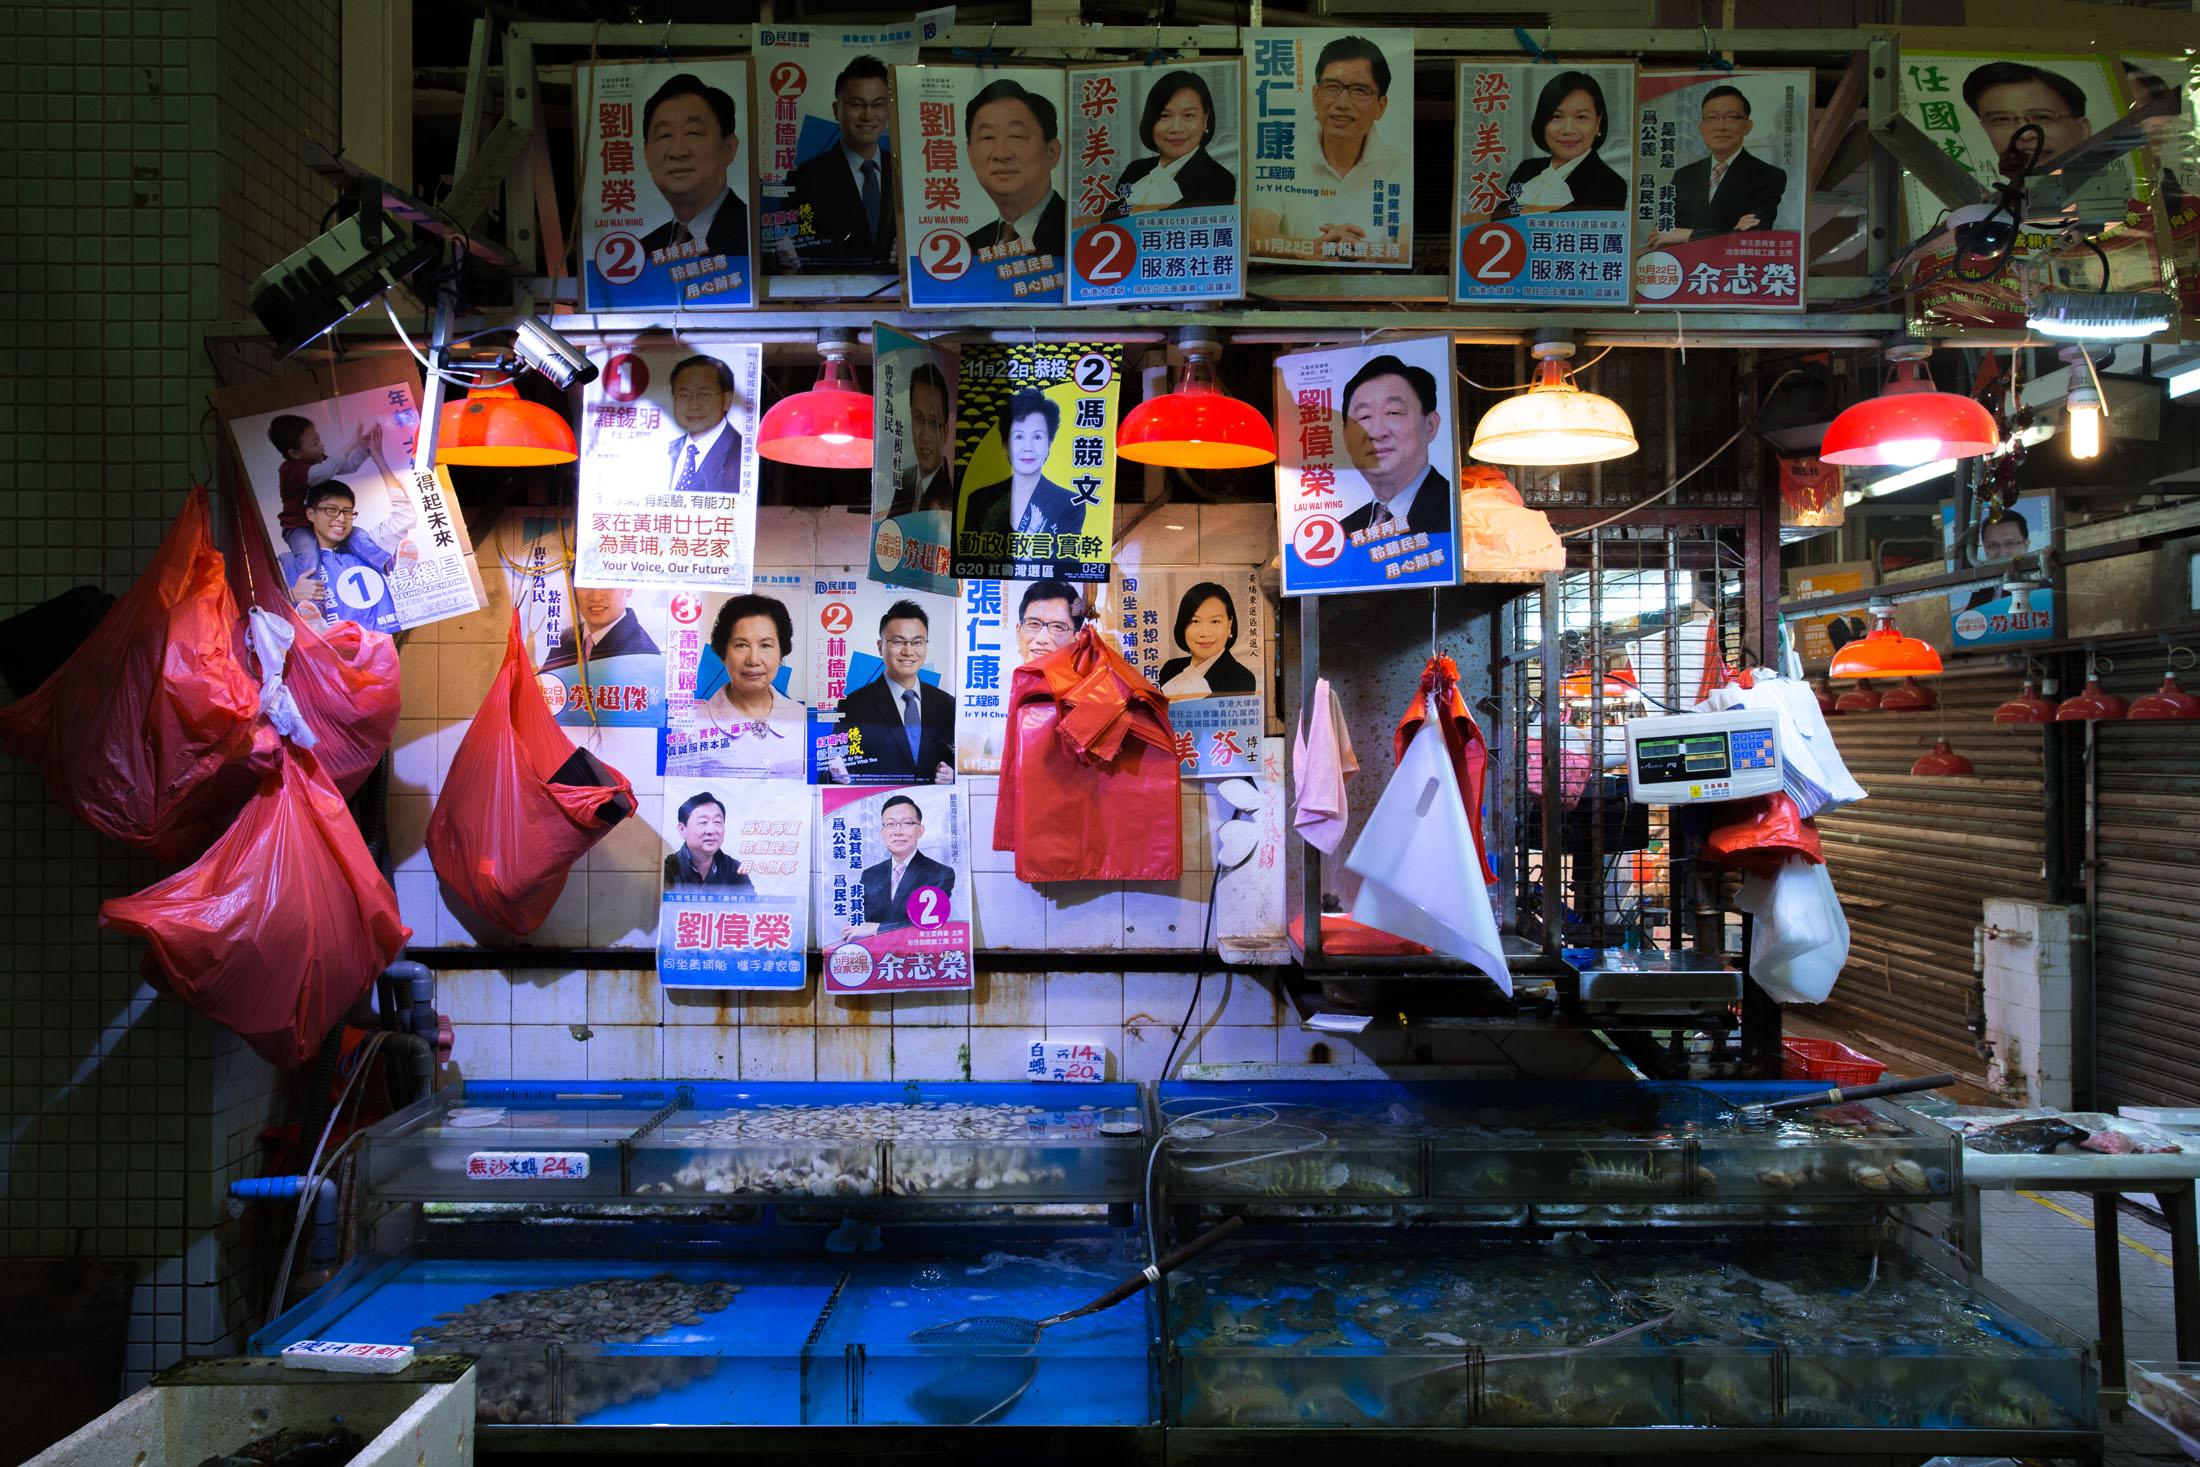 圖片故事組優異 Honorable Mention, Photo Essay (鍾偉德 Chung Wai Tak/蘋果日報 Apple Daily)